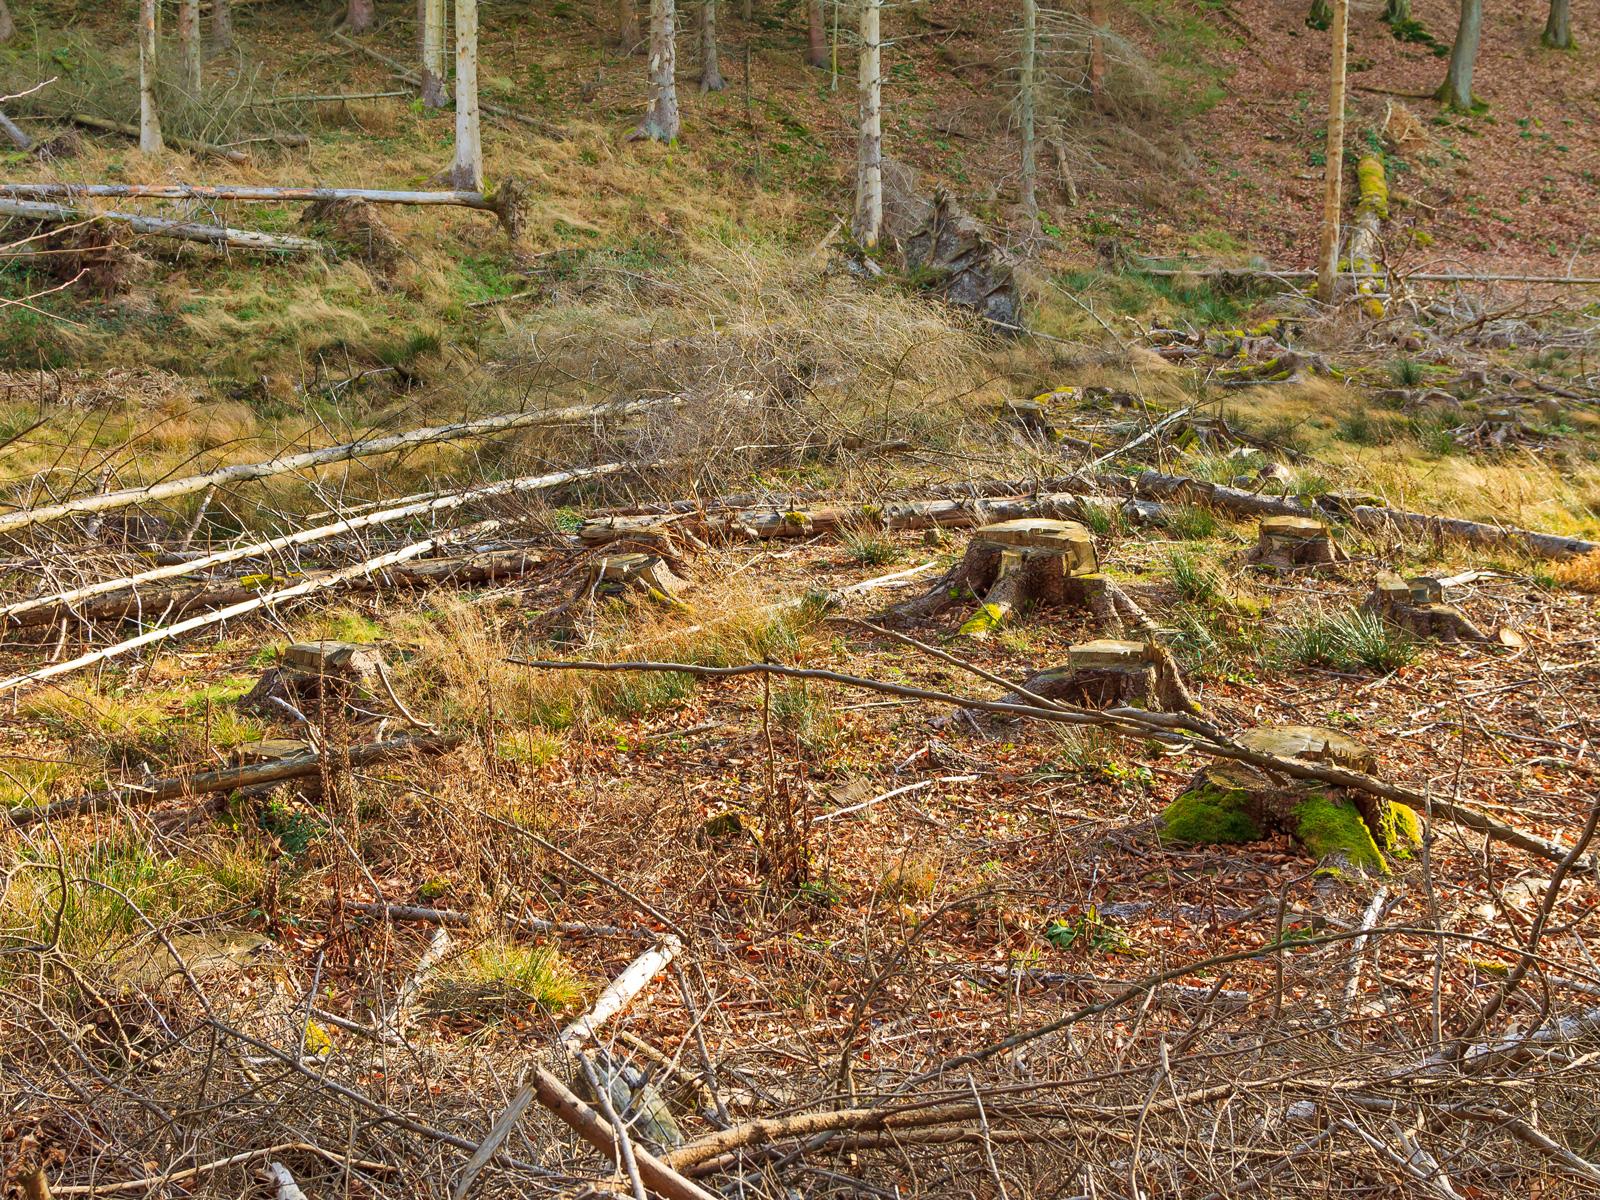 trockener Boden in der schmalen Talsohle